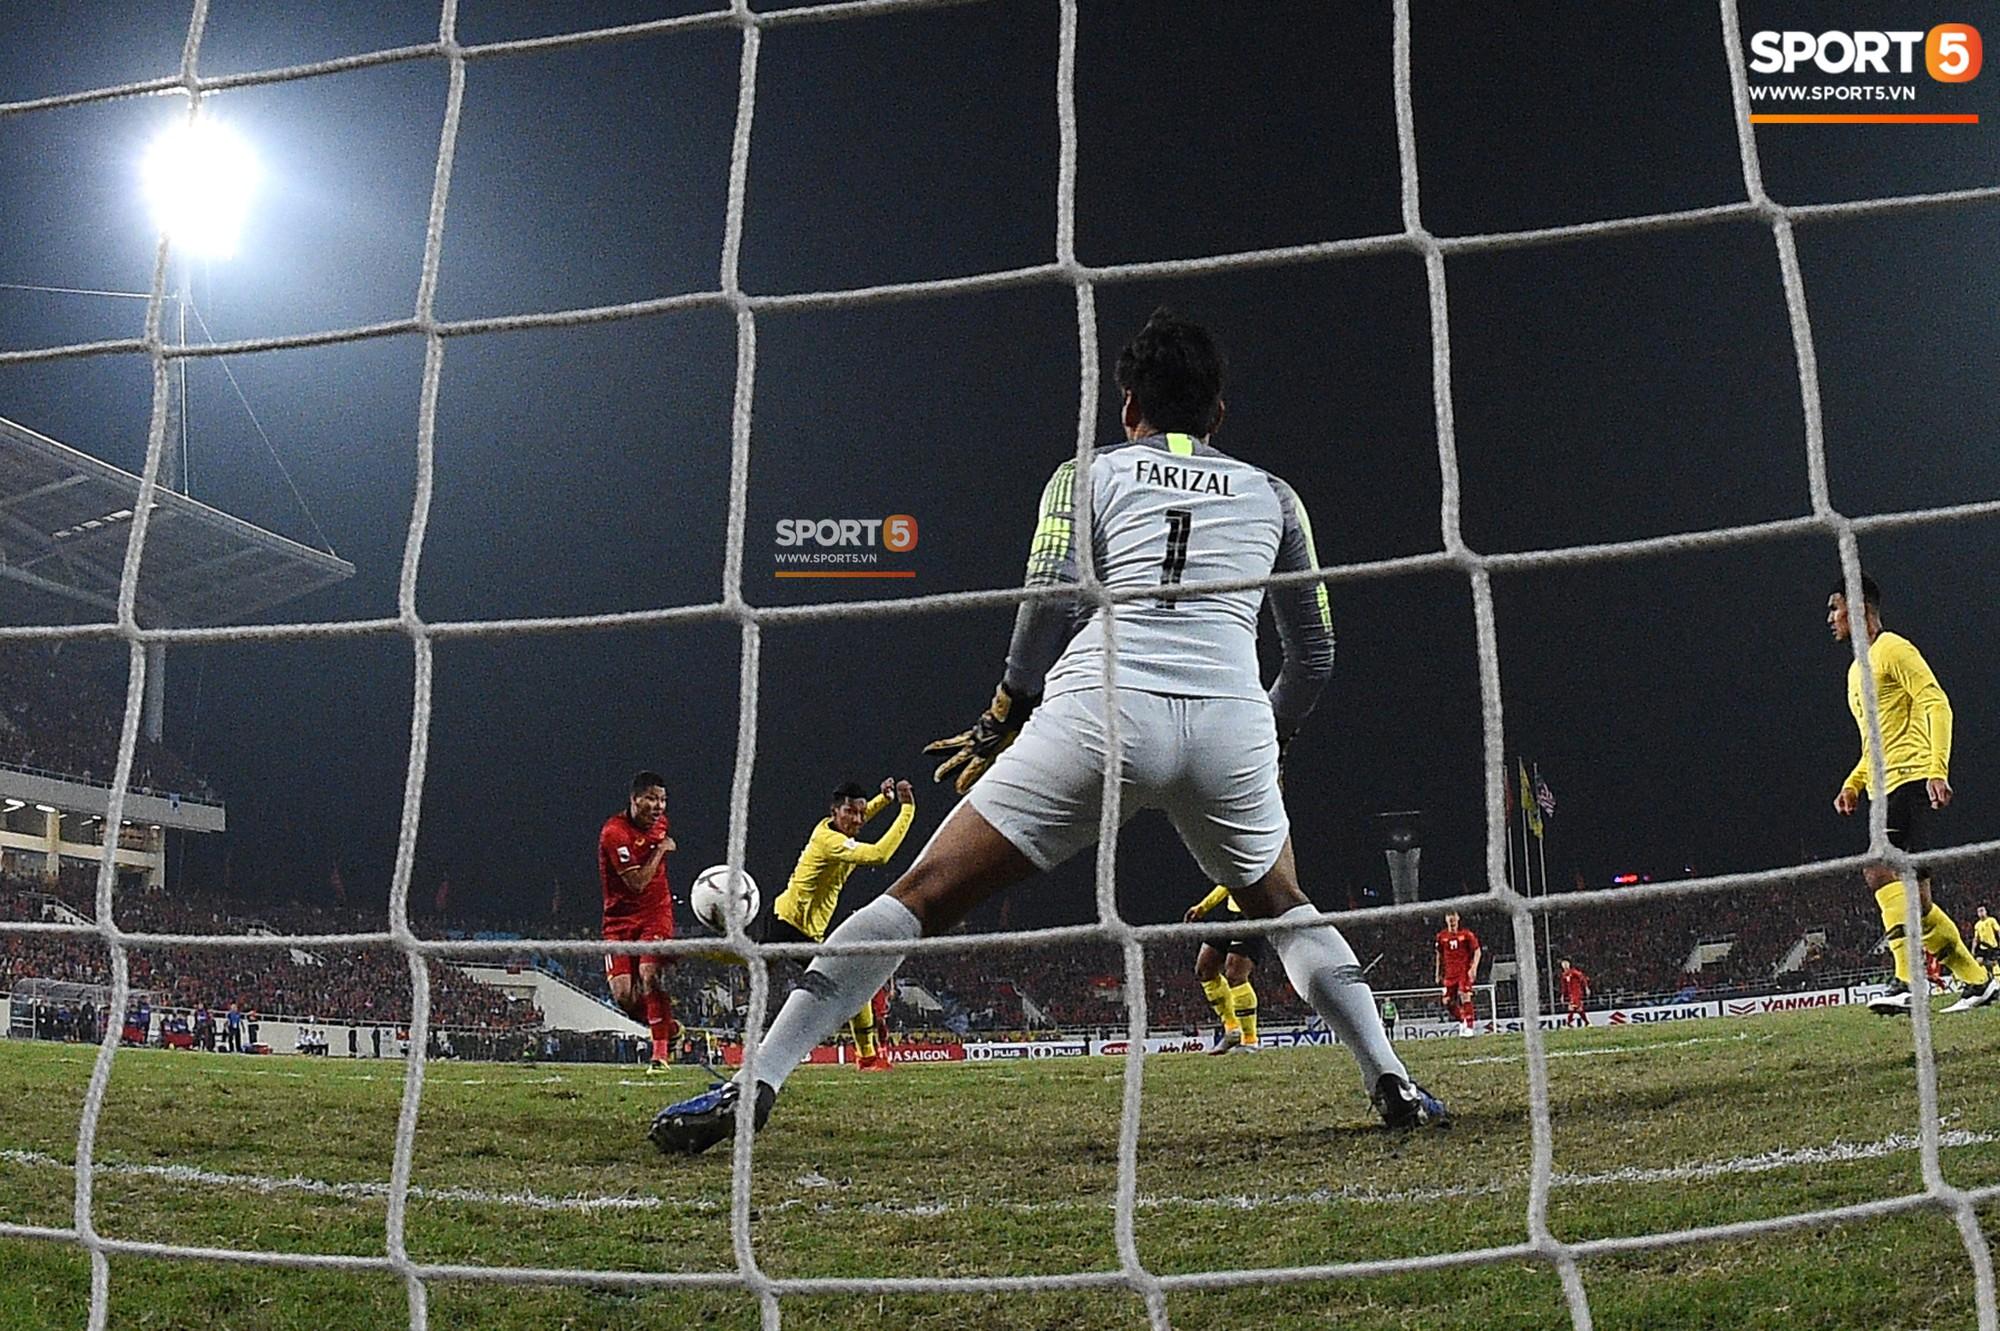 Góc ảnh độc đáo: Khoảnh khắc Anh Đức vô-lê tung lưới Malaysia nhìn từ phía sau cầu môn - Ảnh 3.